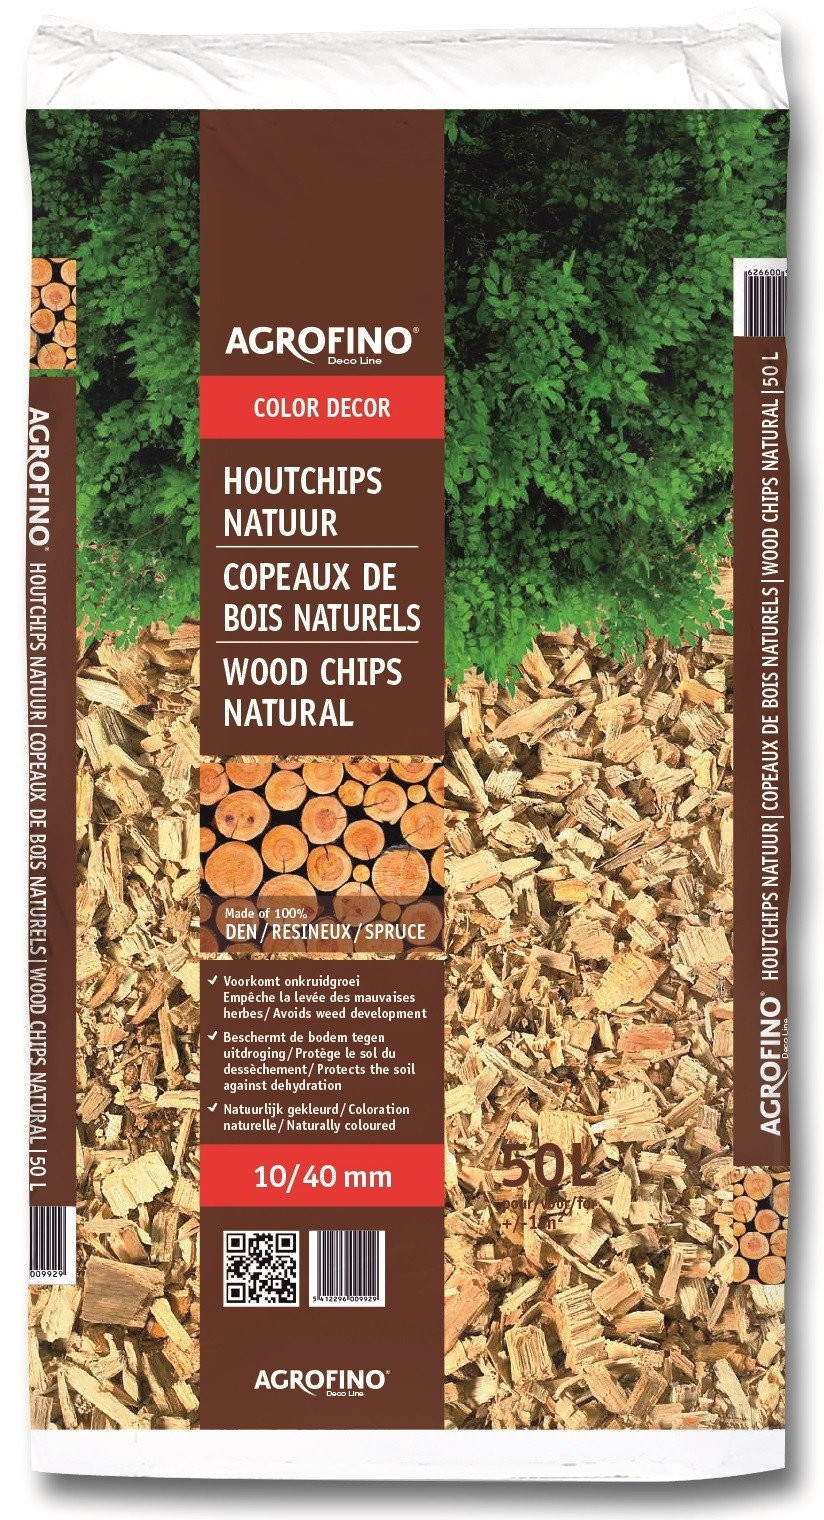 Copeaux De Bois Naturels 50 L Agrofino - Mr.bricolage dedans Copeaux De Bois Pour Jardin